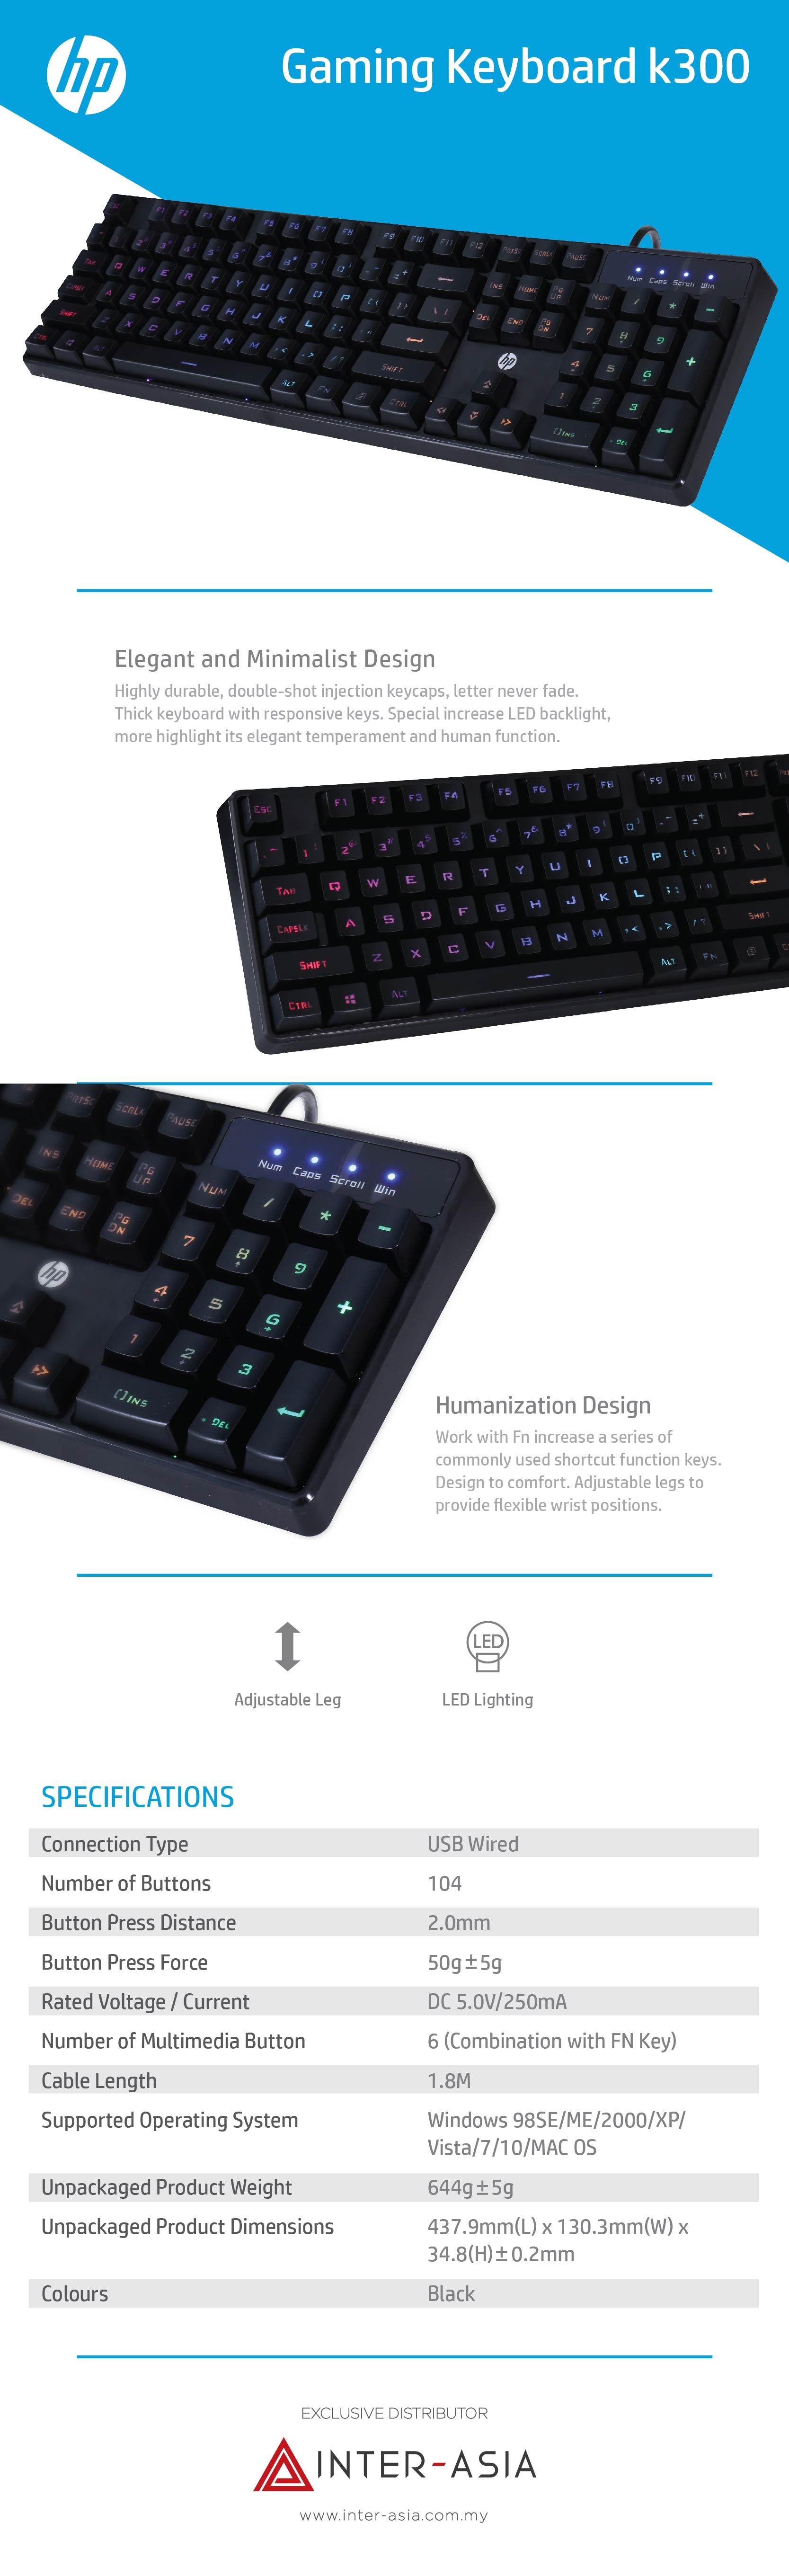 hp k300 gaming keyboard